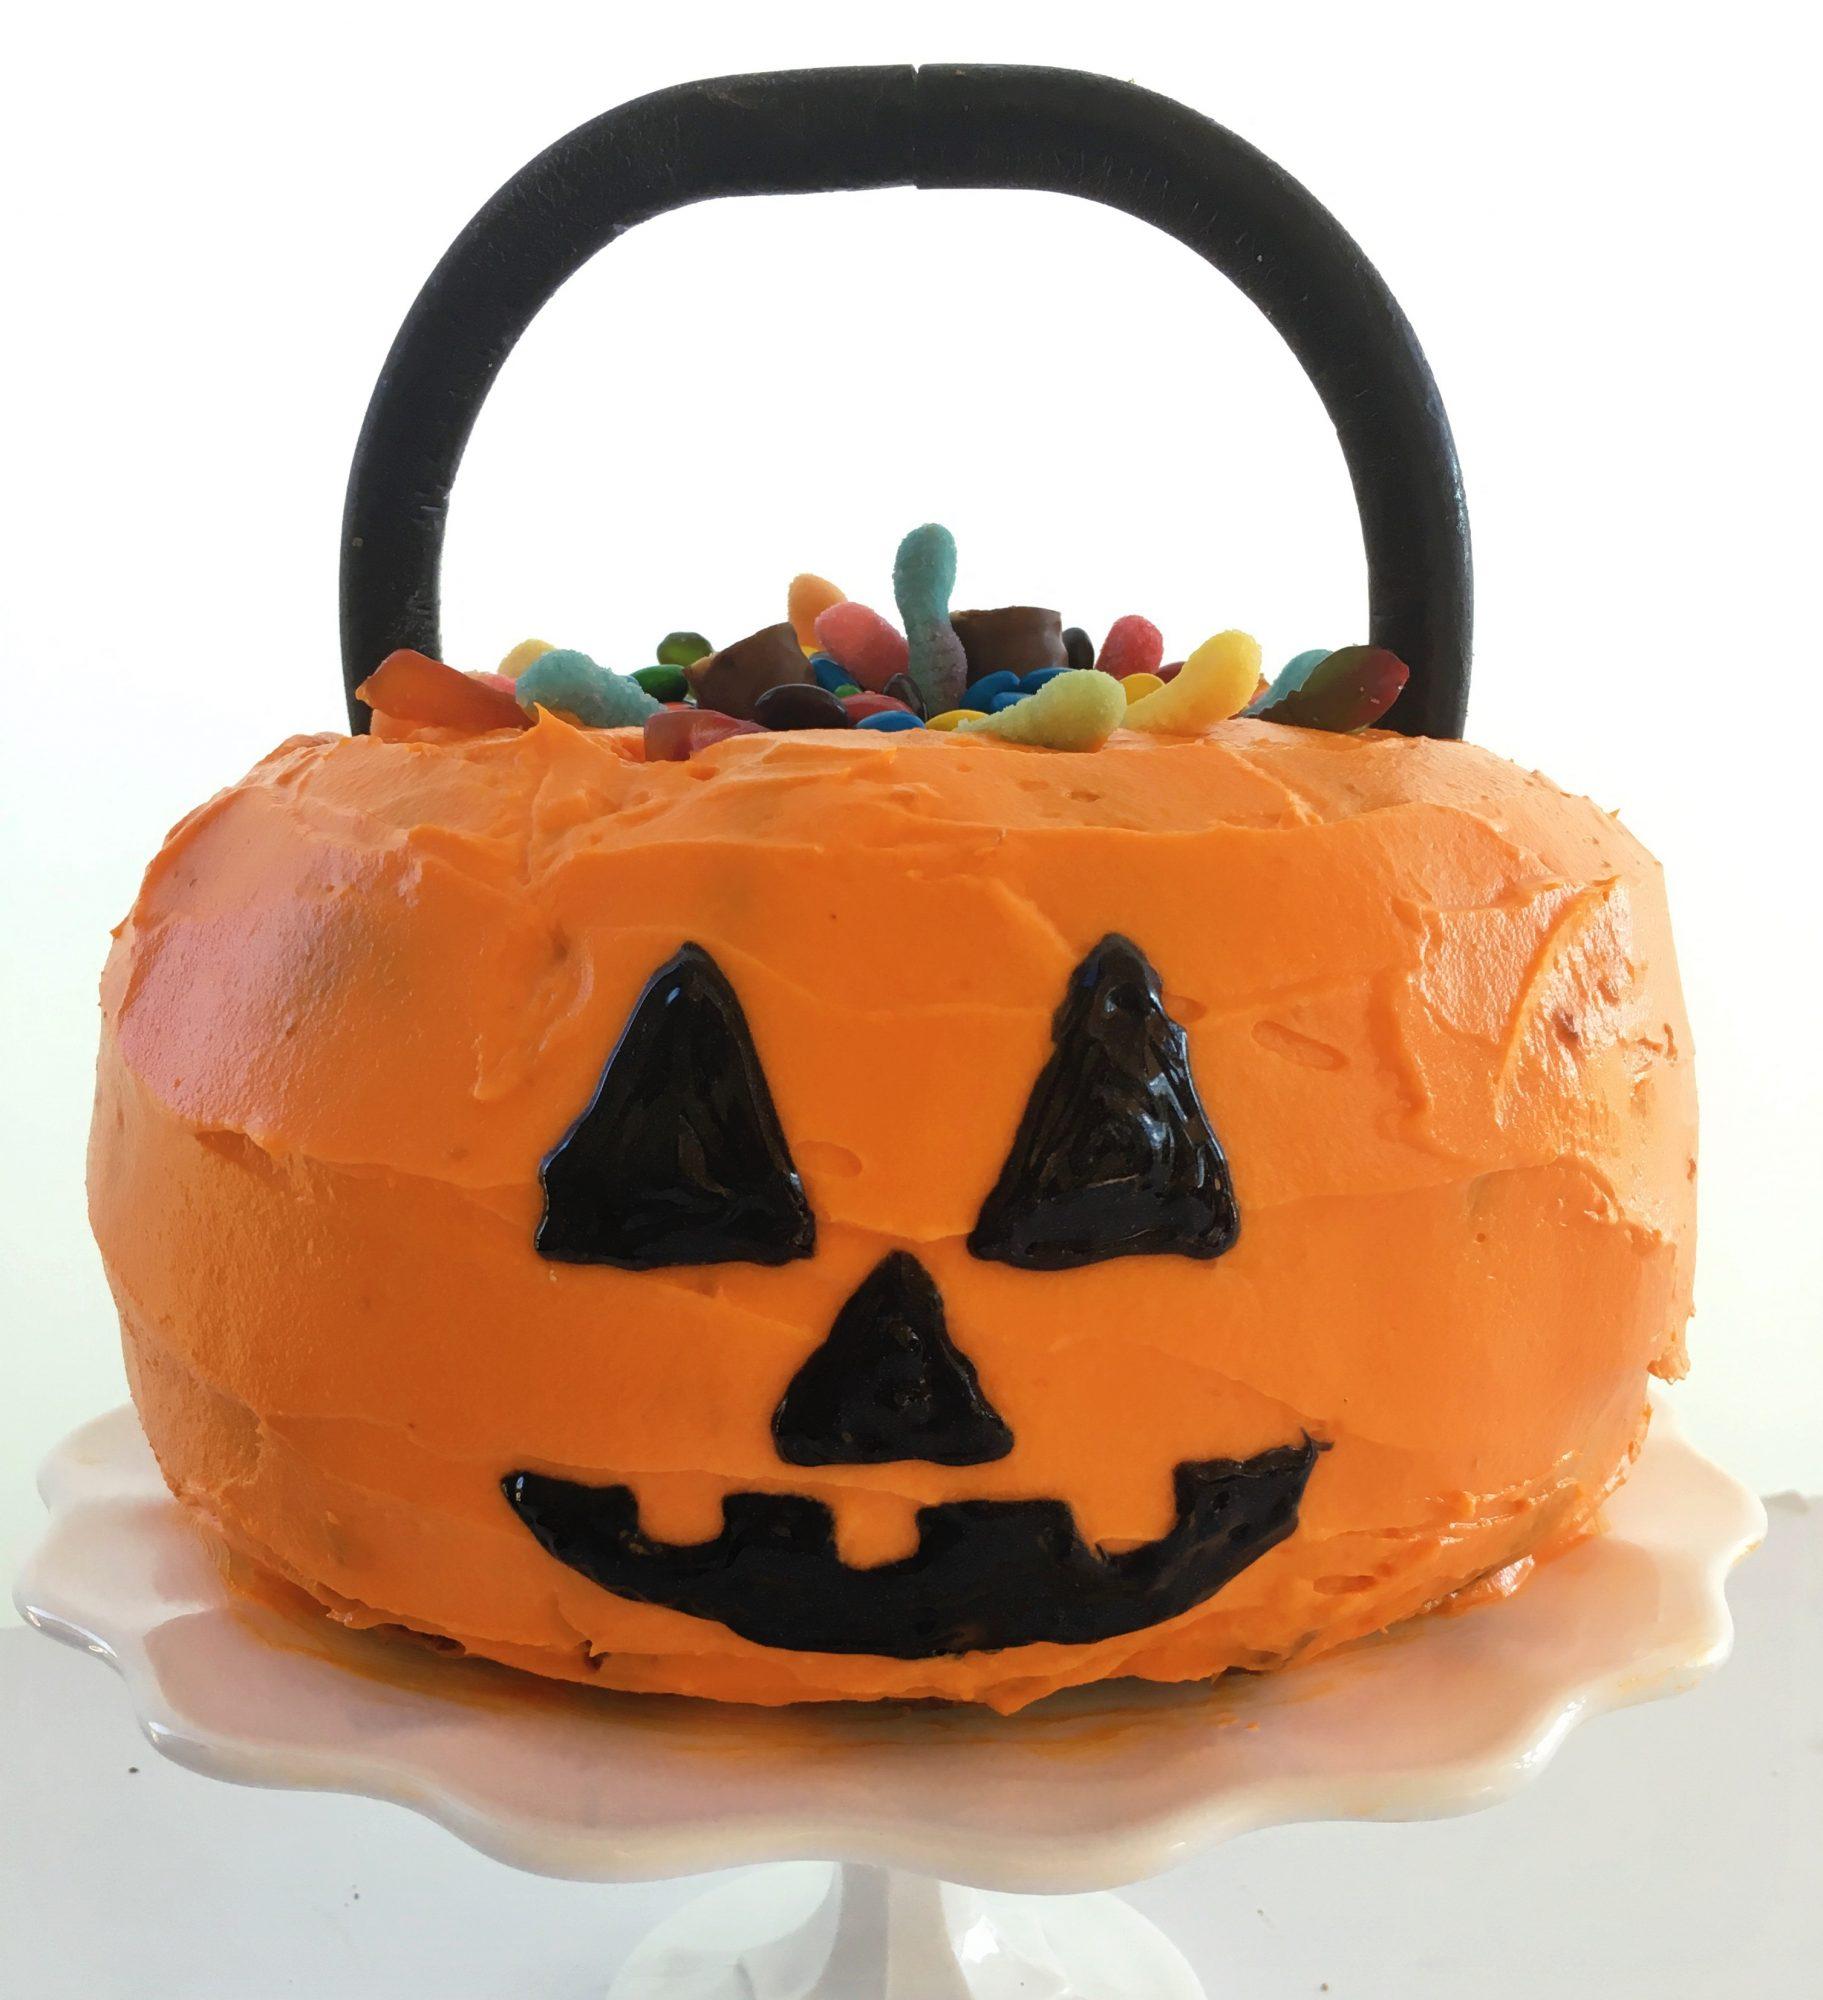 Pumpkin Bundt Cake With Walnut